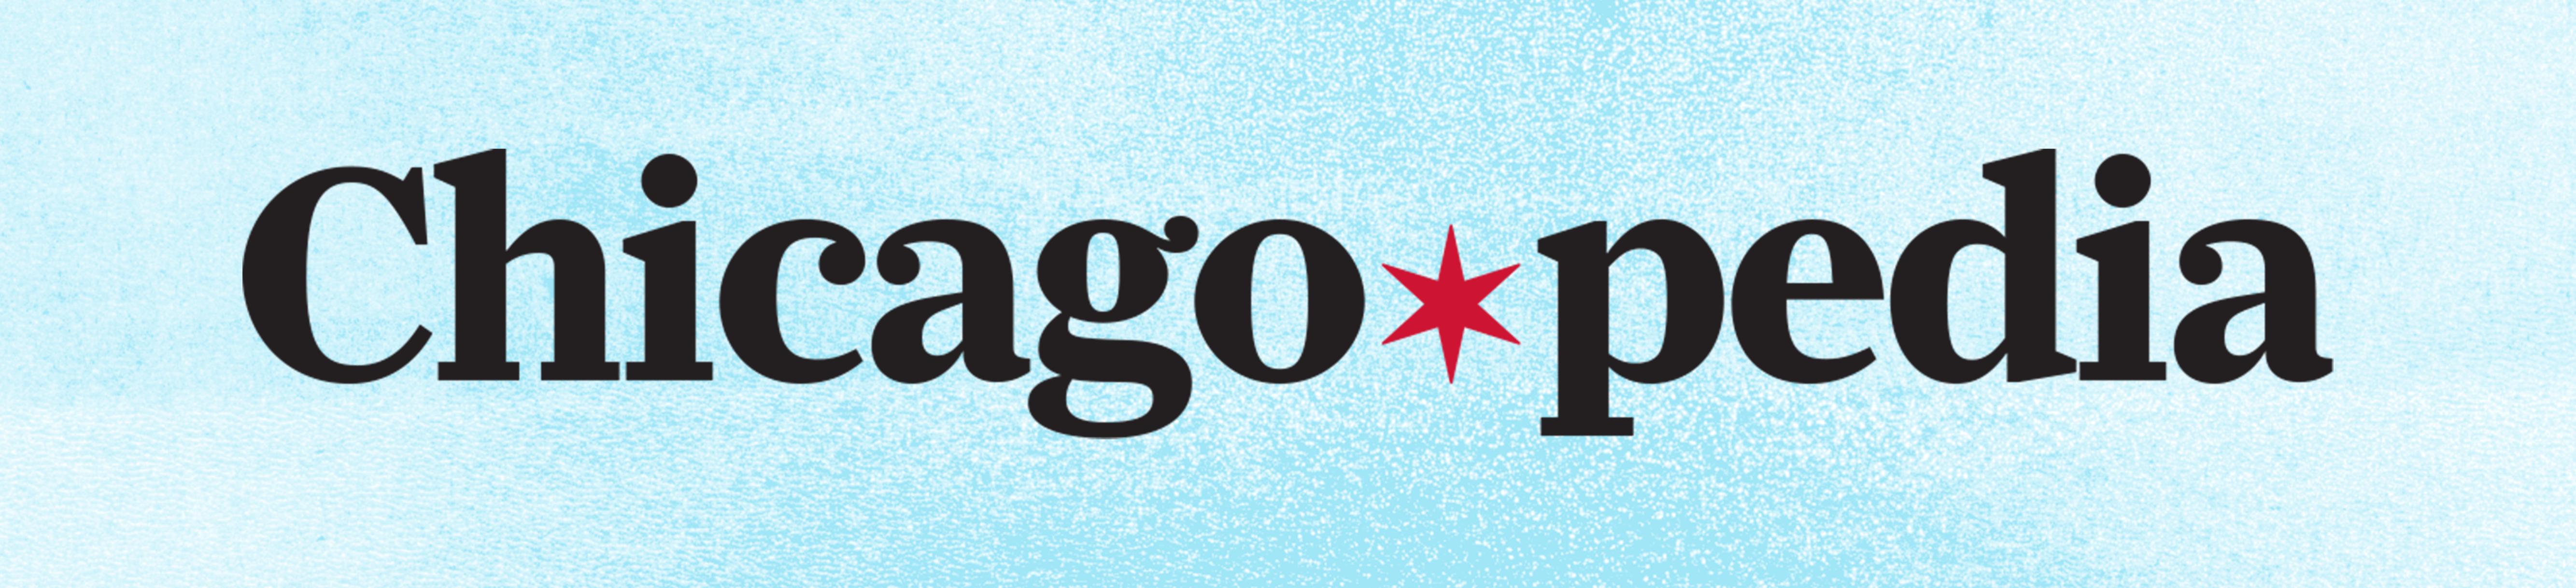 Chicago-pedia